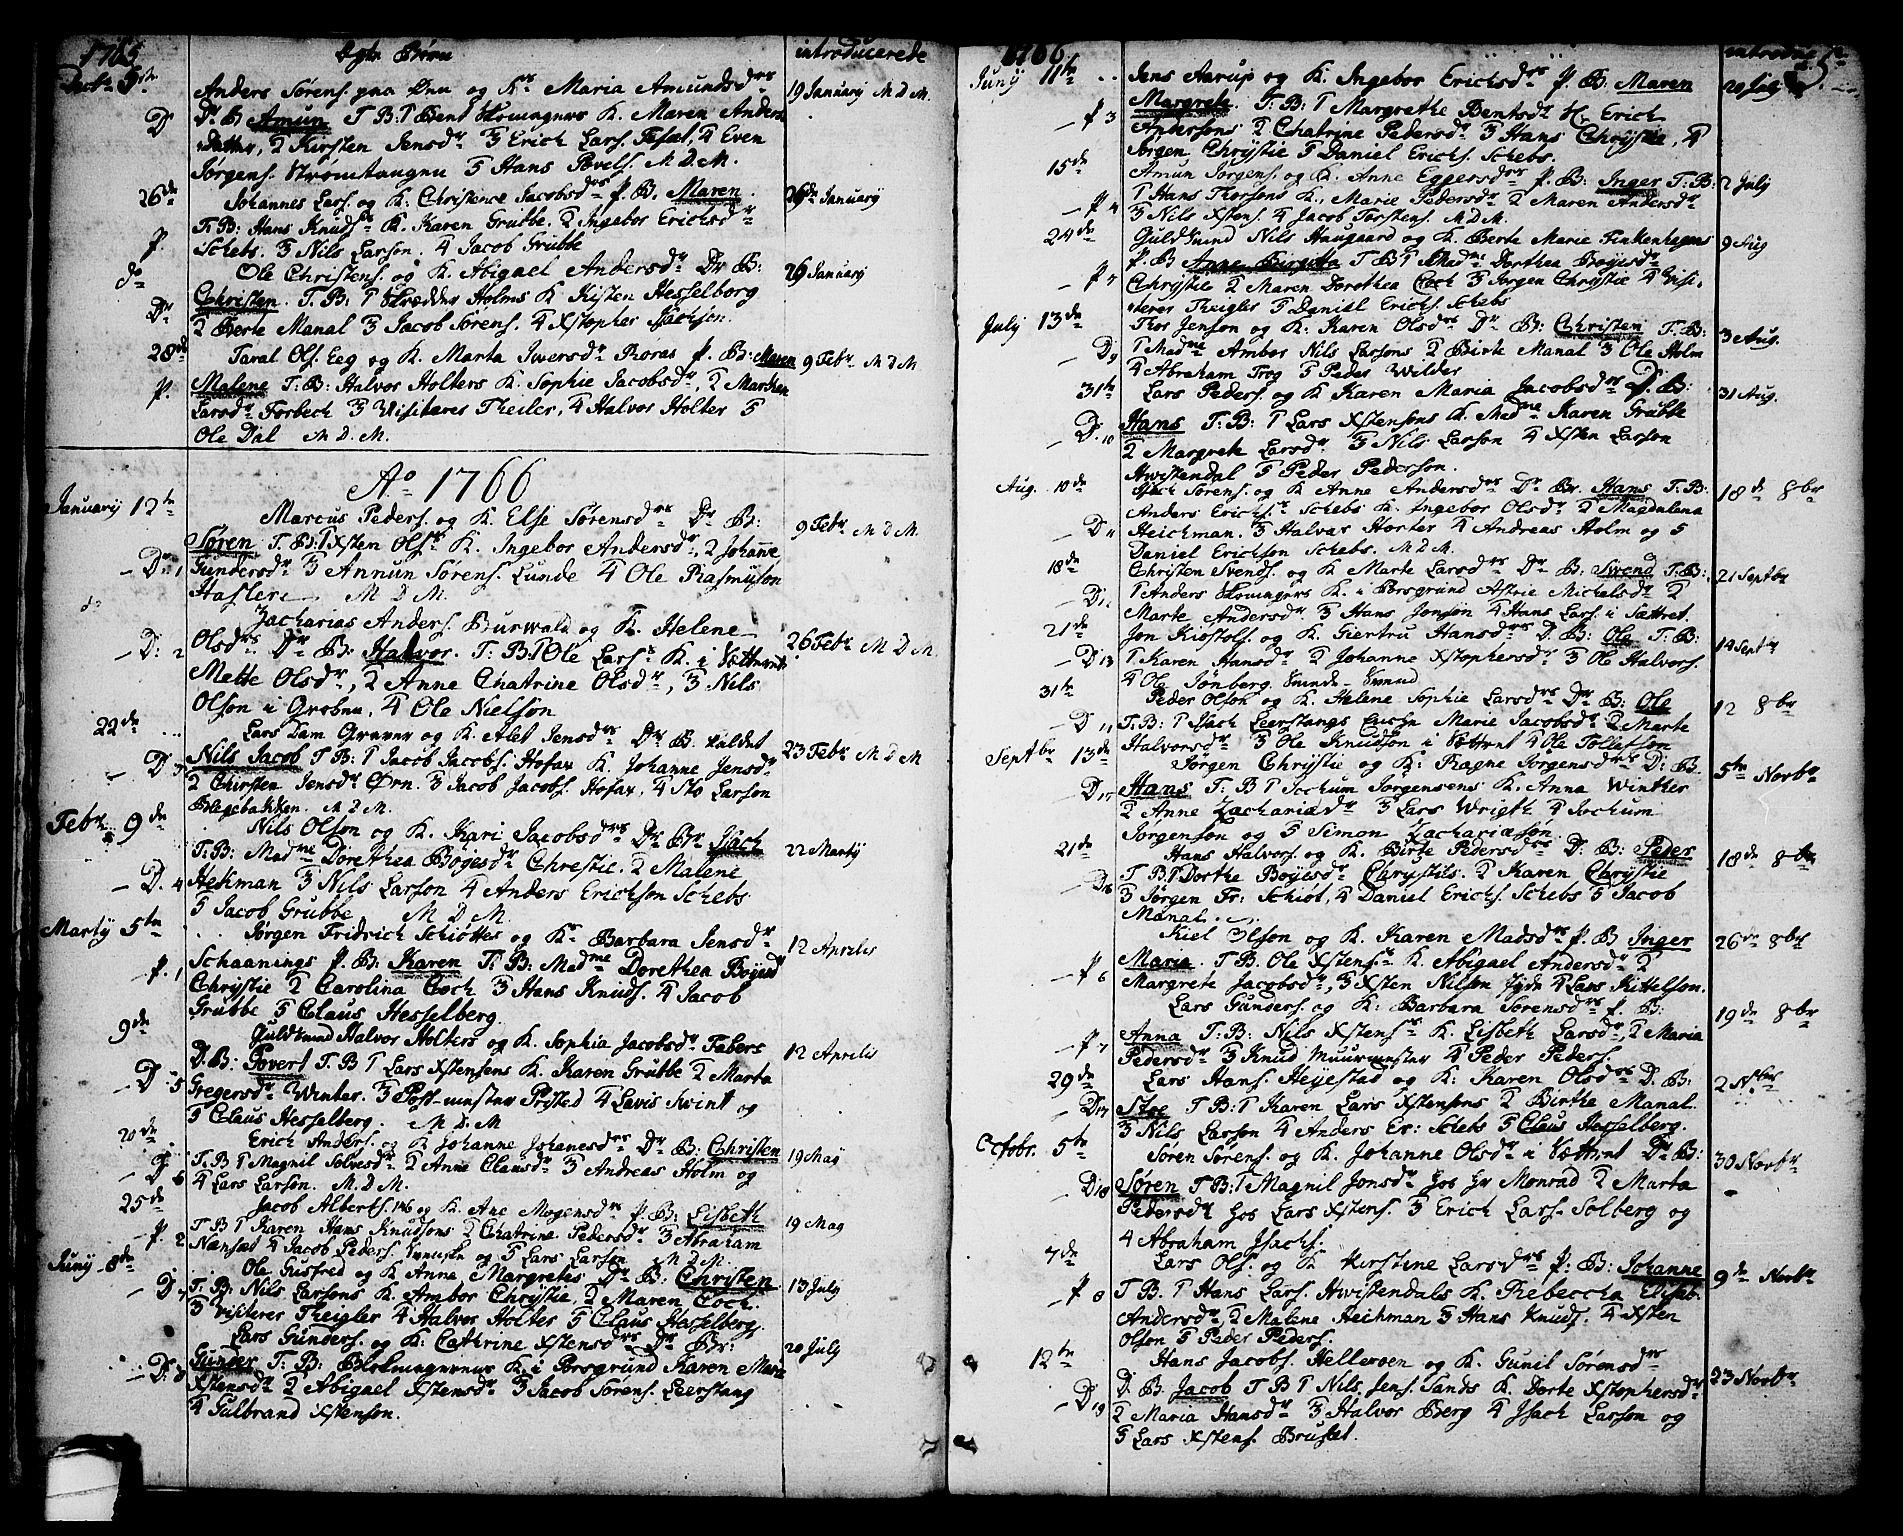 SAKO, Brevik kirkebøker, F/Fa/L0003: Ministerialbok nr. 3, 1764-1814, s. 5